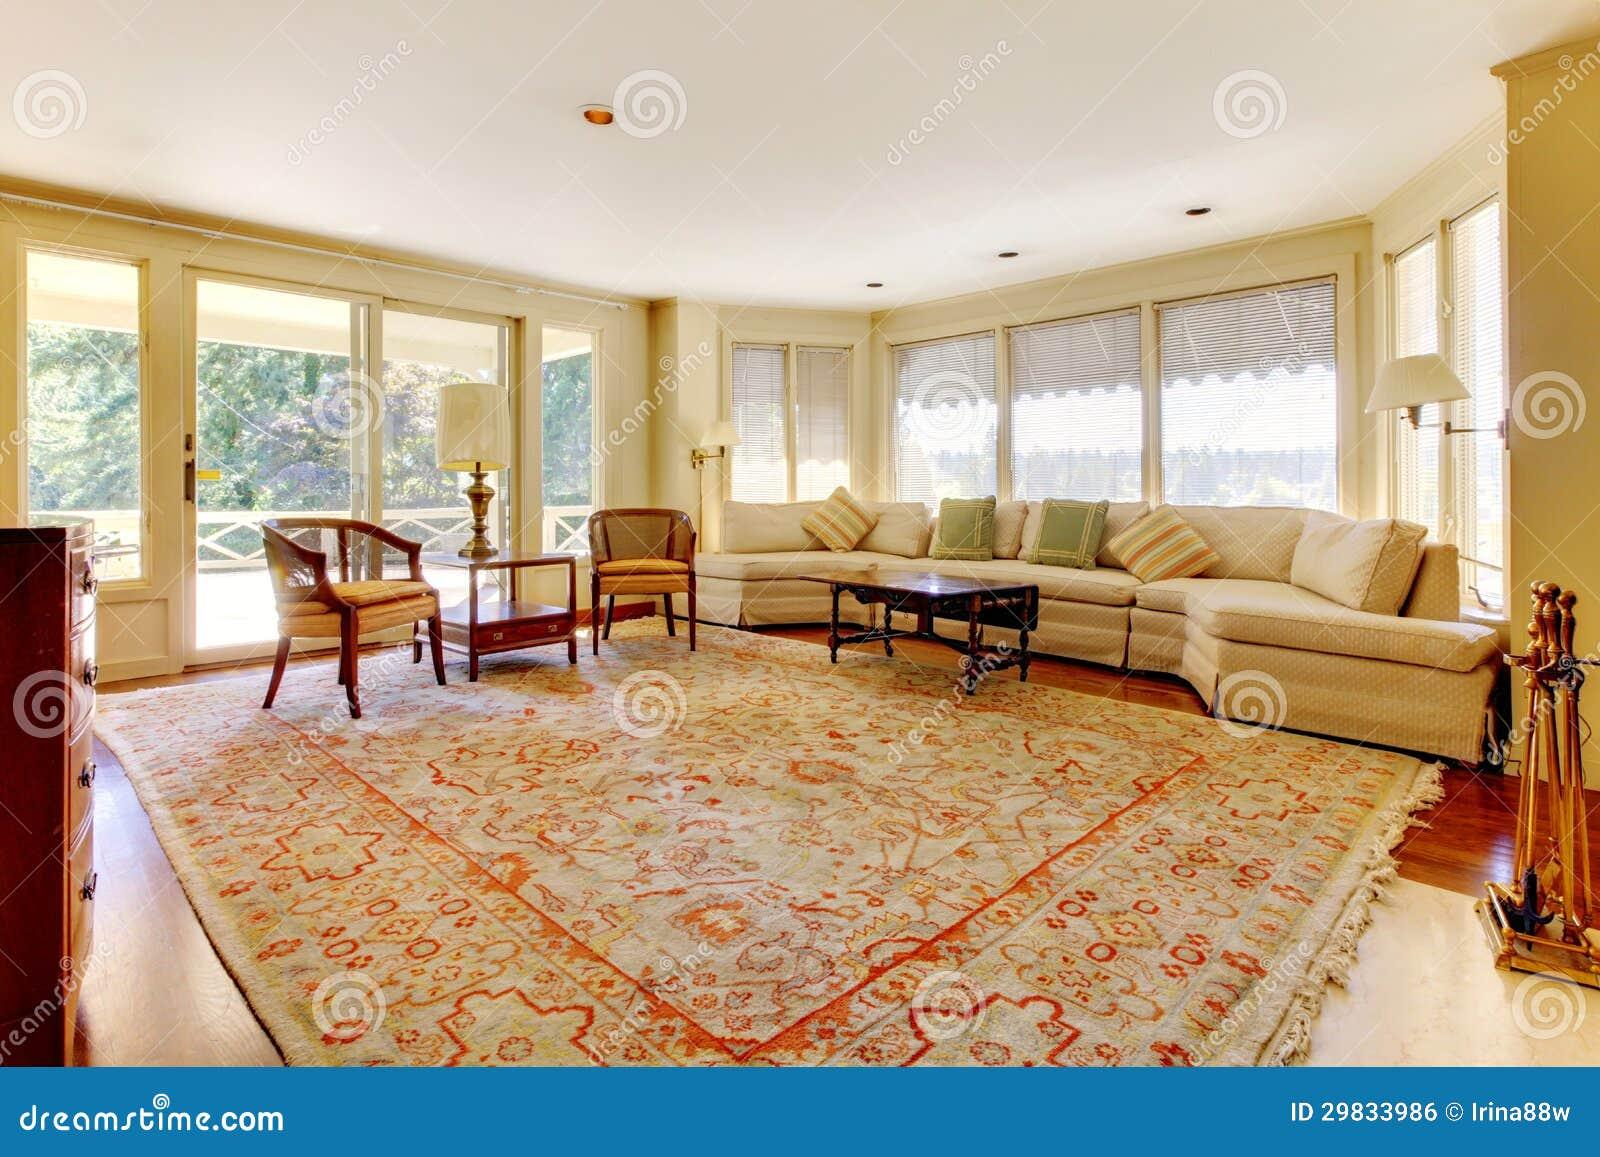 Oude amerikaanse huis grote woonkamer royalty vrije stock afbeelding afbeelding 29833986 - Deco grote woonkamer ...